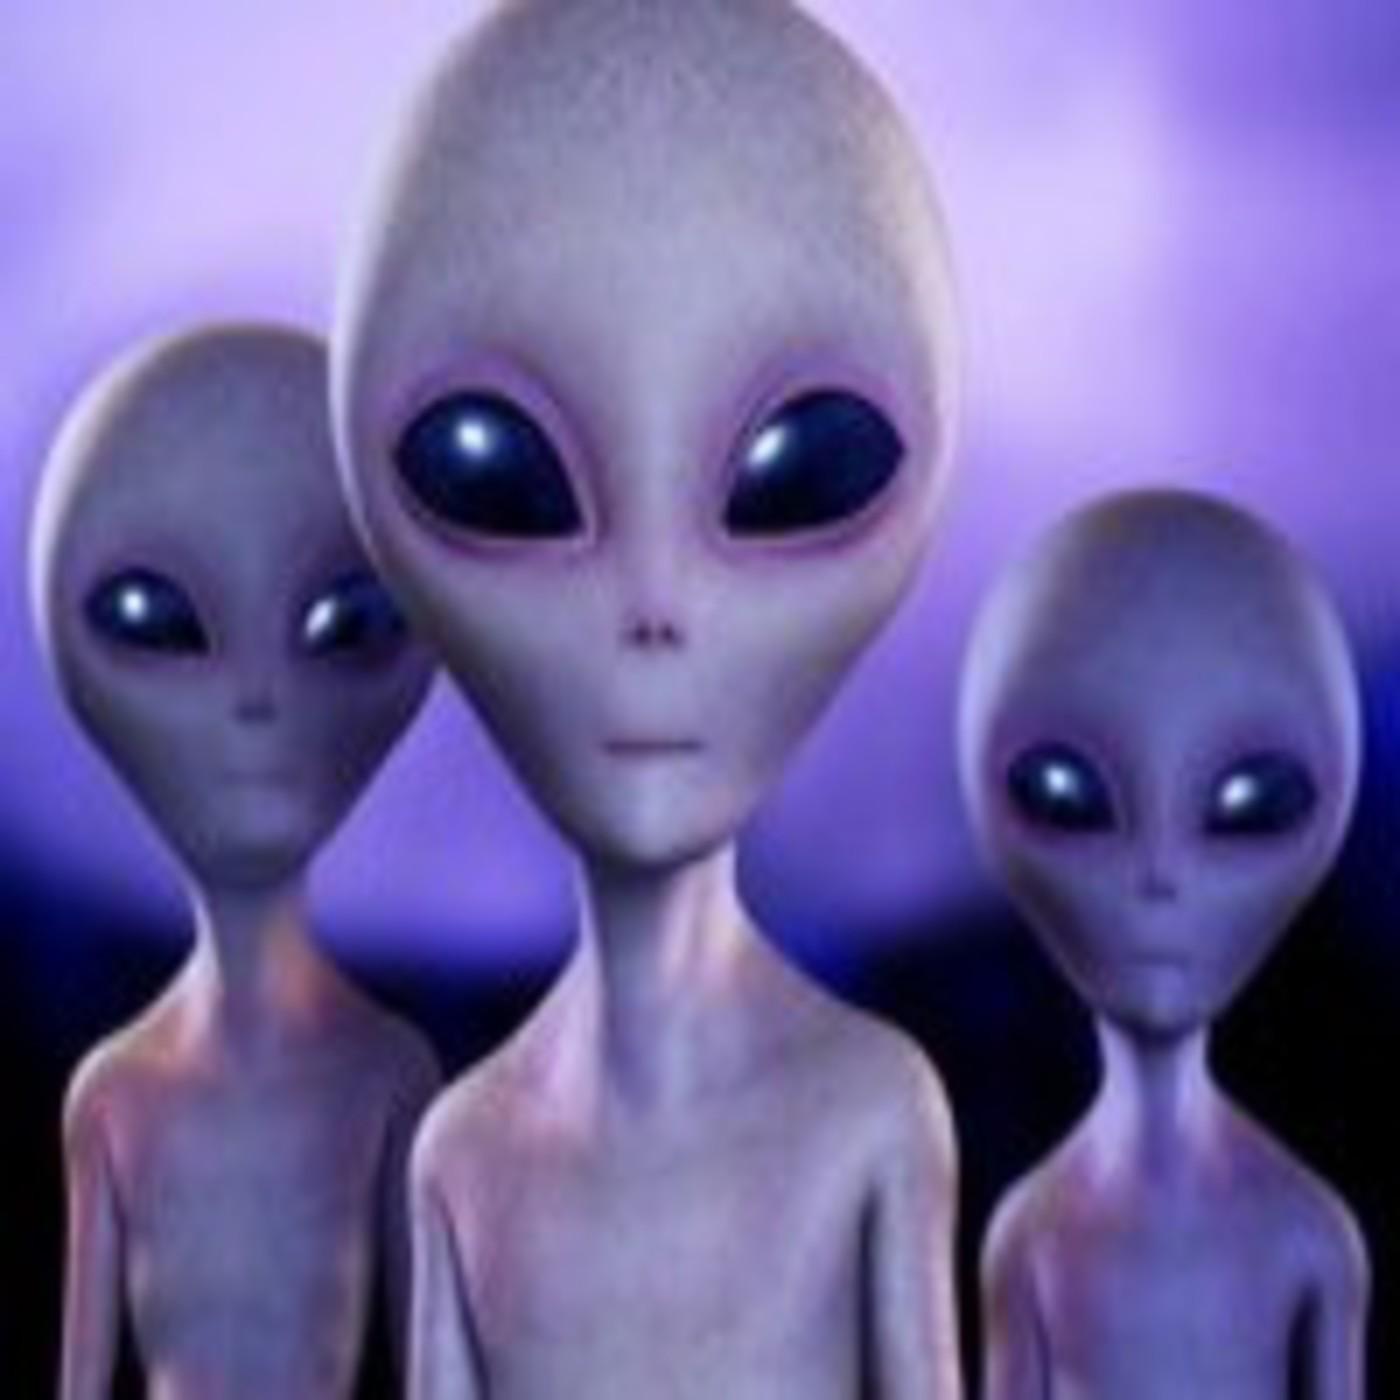 ¿Extraterrestres? (Canal historia) Temporada 2- OOPArts,Atlántida, Contacto,El legado de los Dioses